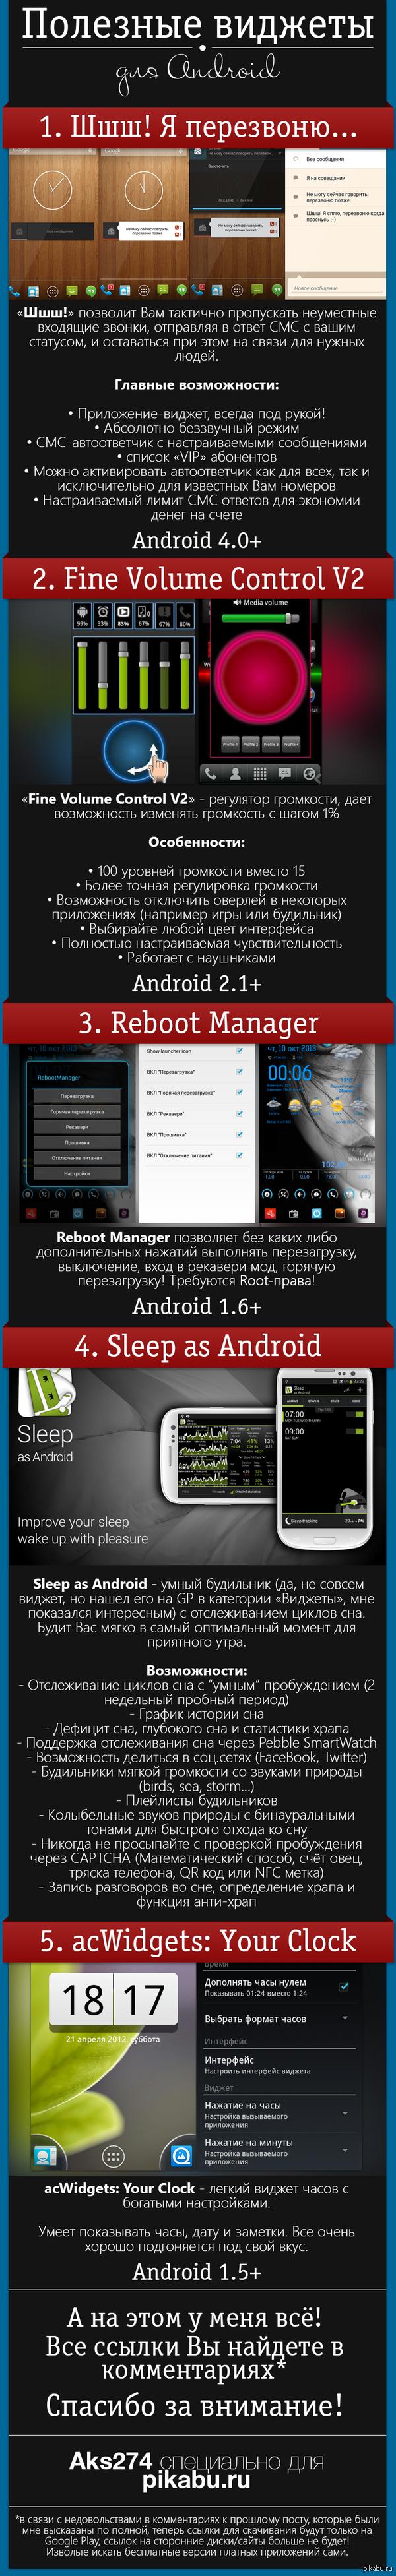 Полезные виджеты для Android [длиннопост|серия постов про андроид|XII часть] Ссылки в комментариях.